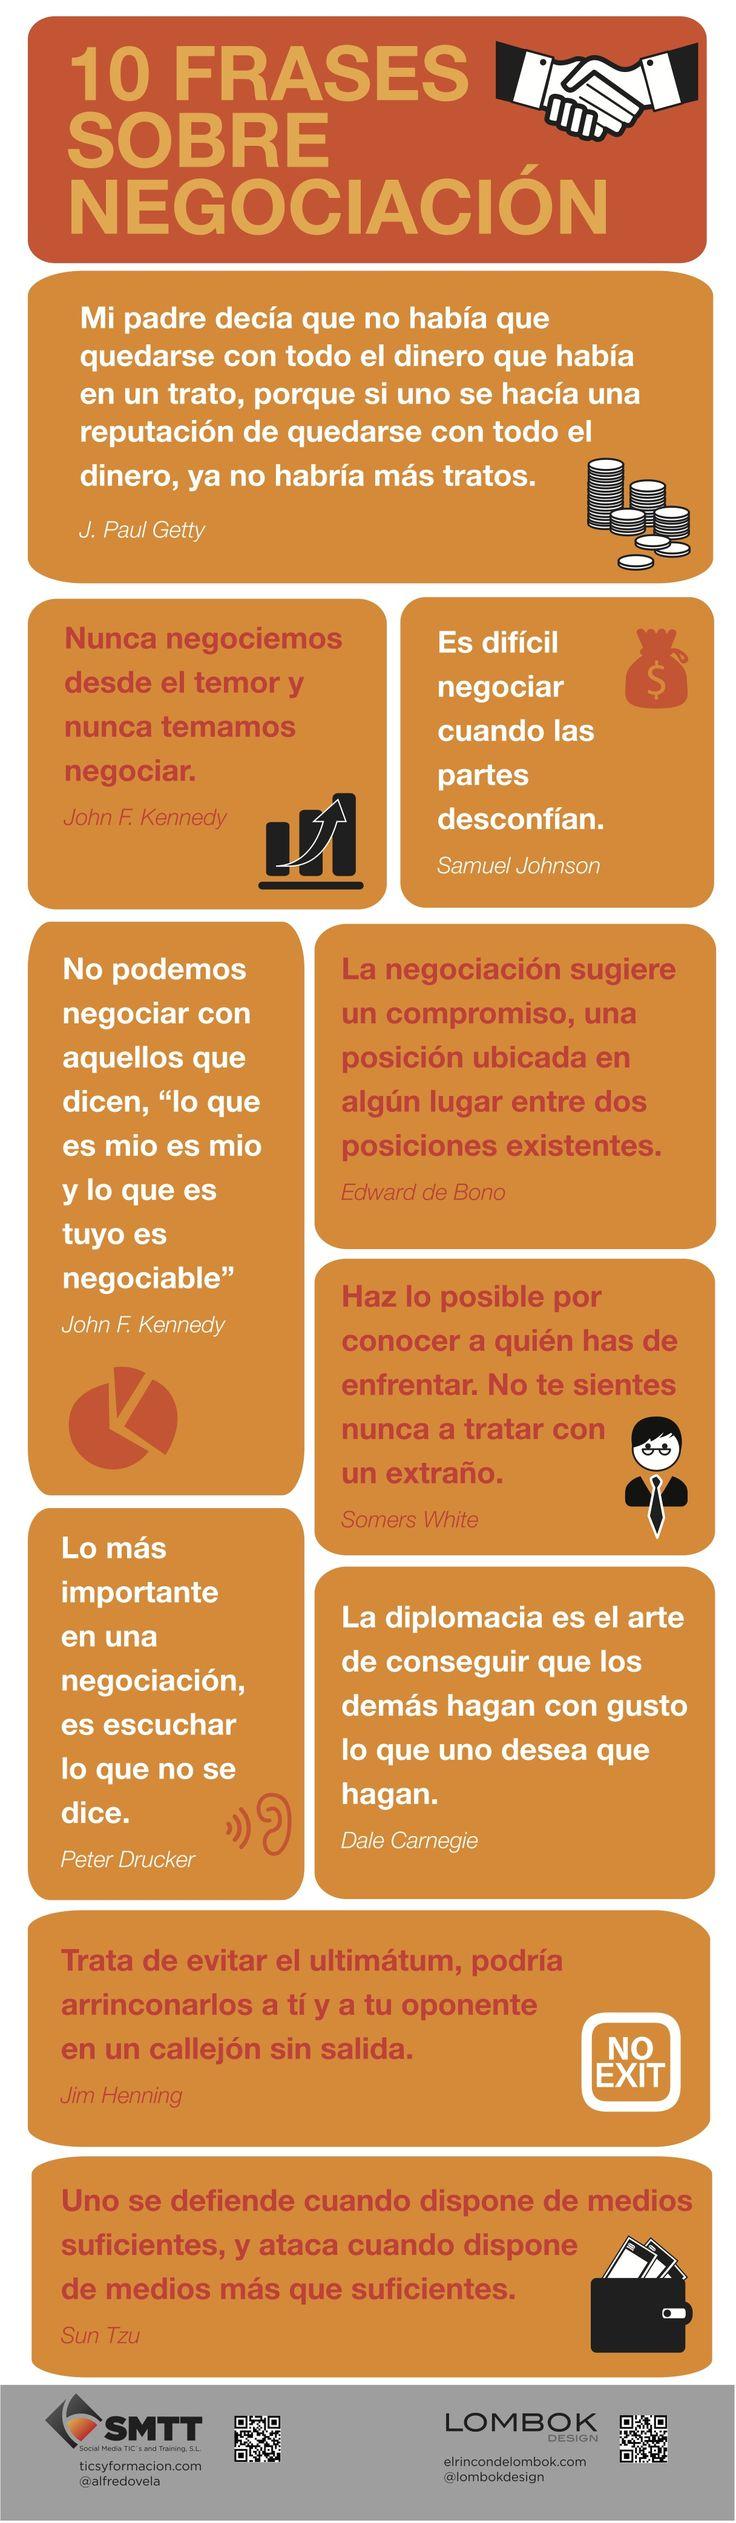 10 frases célebres sobre negociación #infografia #infographic #citas